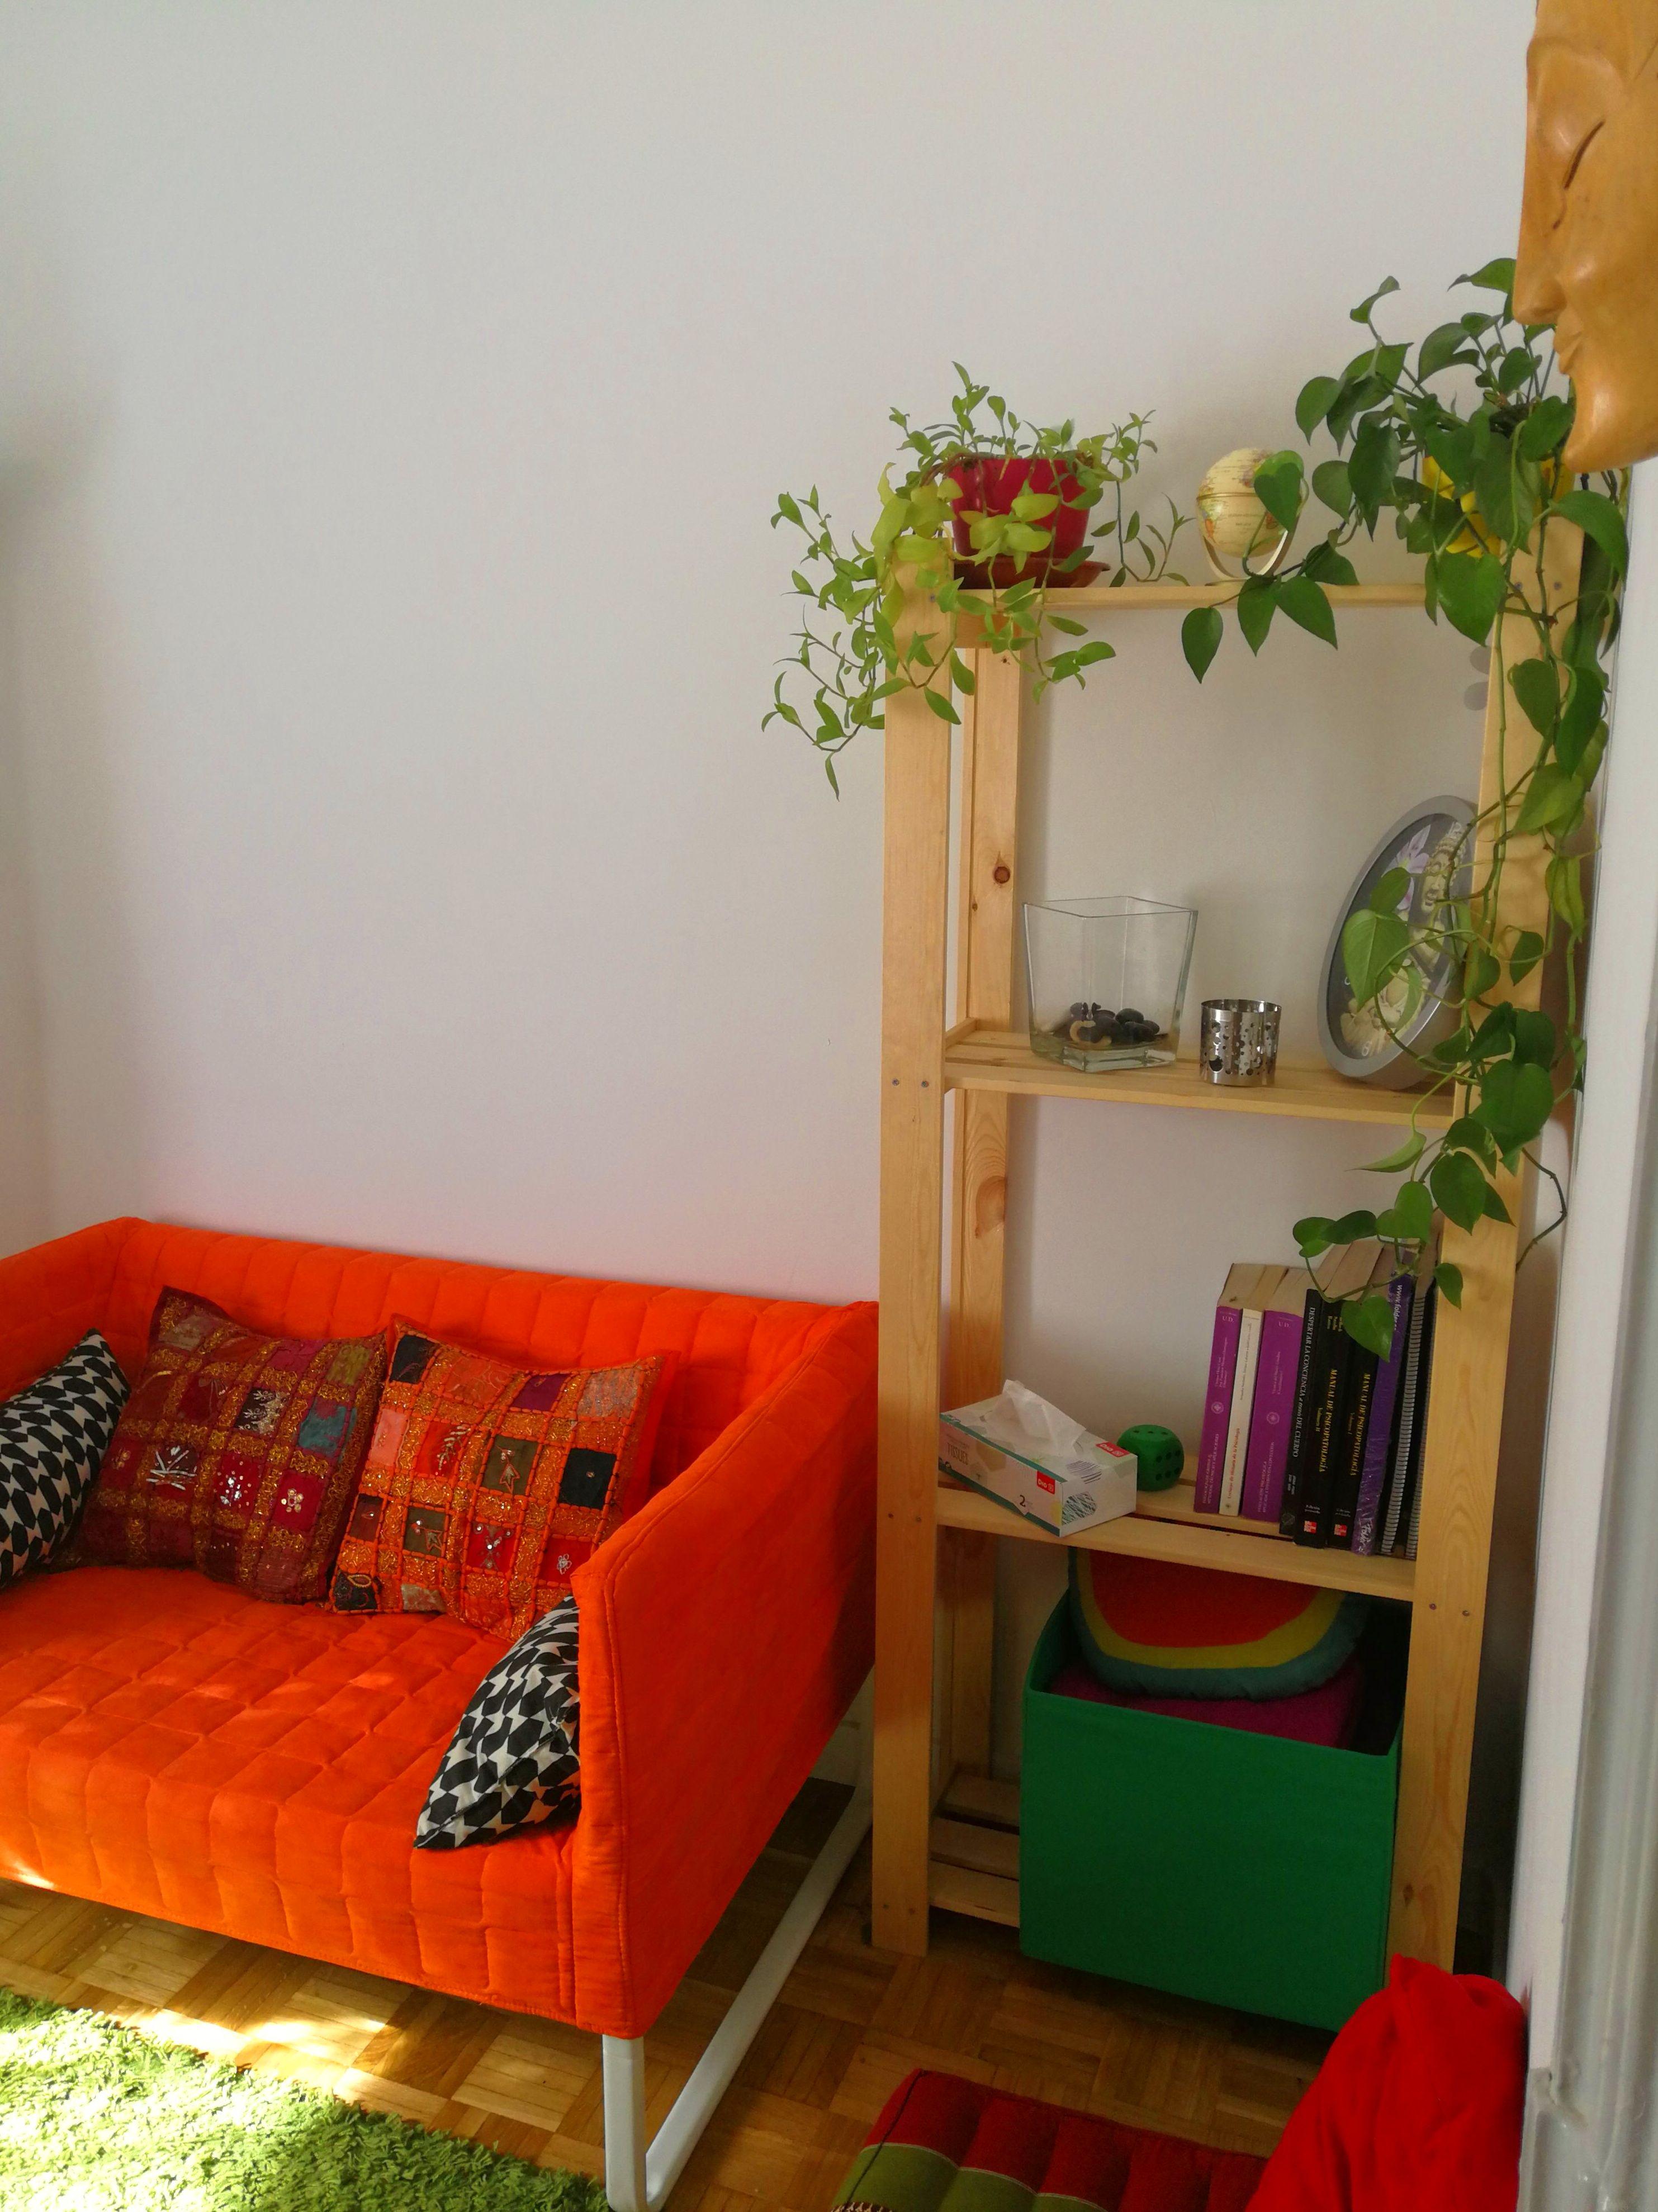 Foto 14 de Terapeuta en Madrid | Terapia Gestalt Integrativa